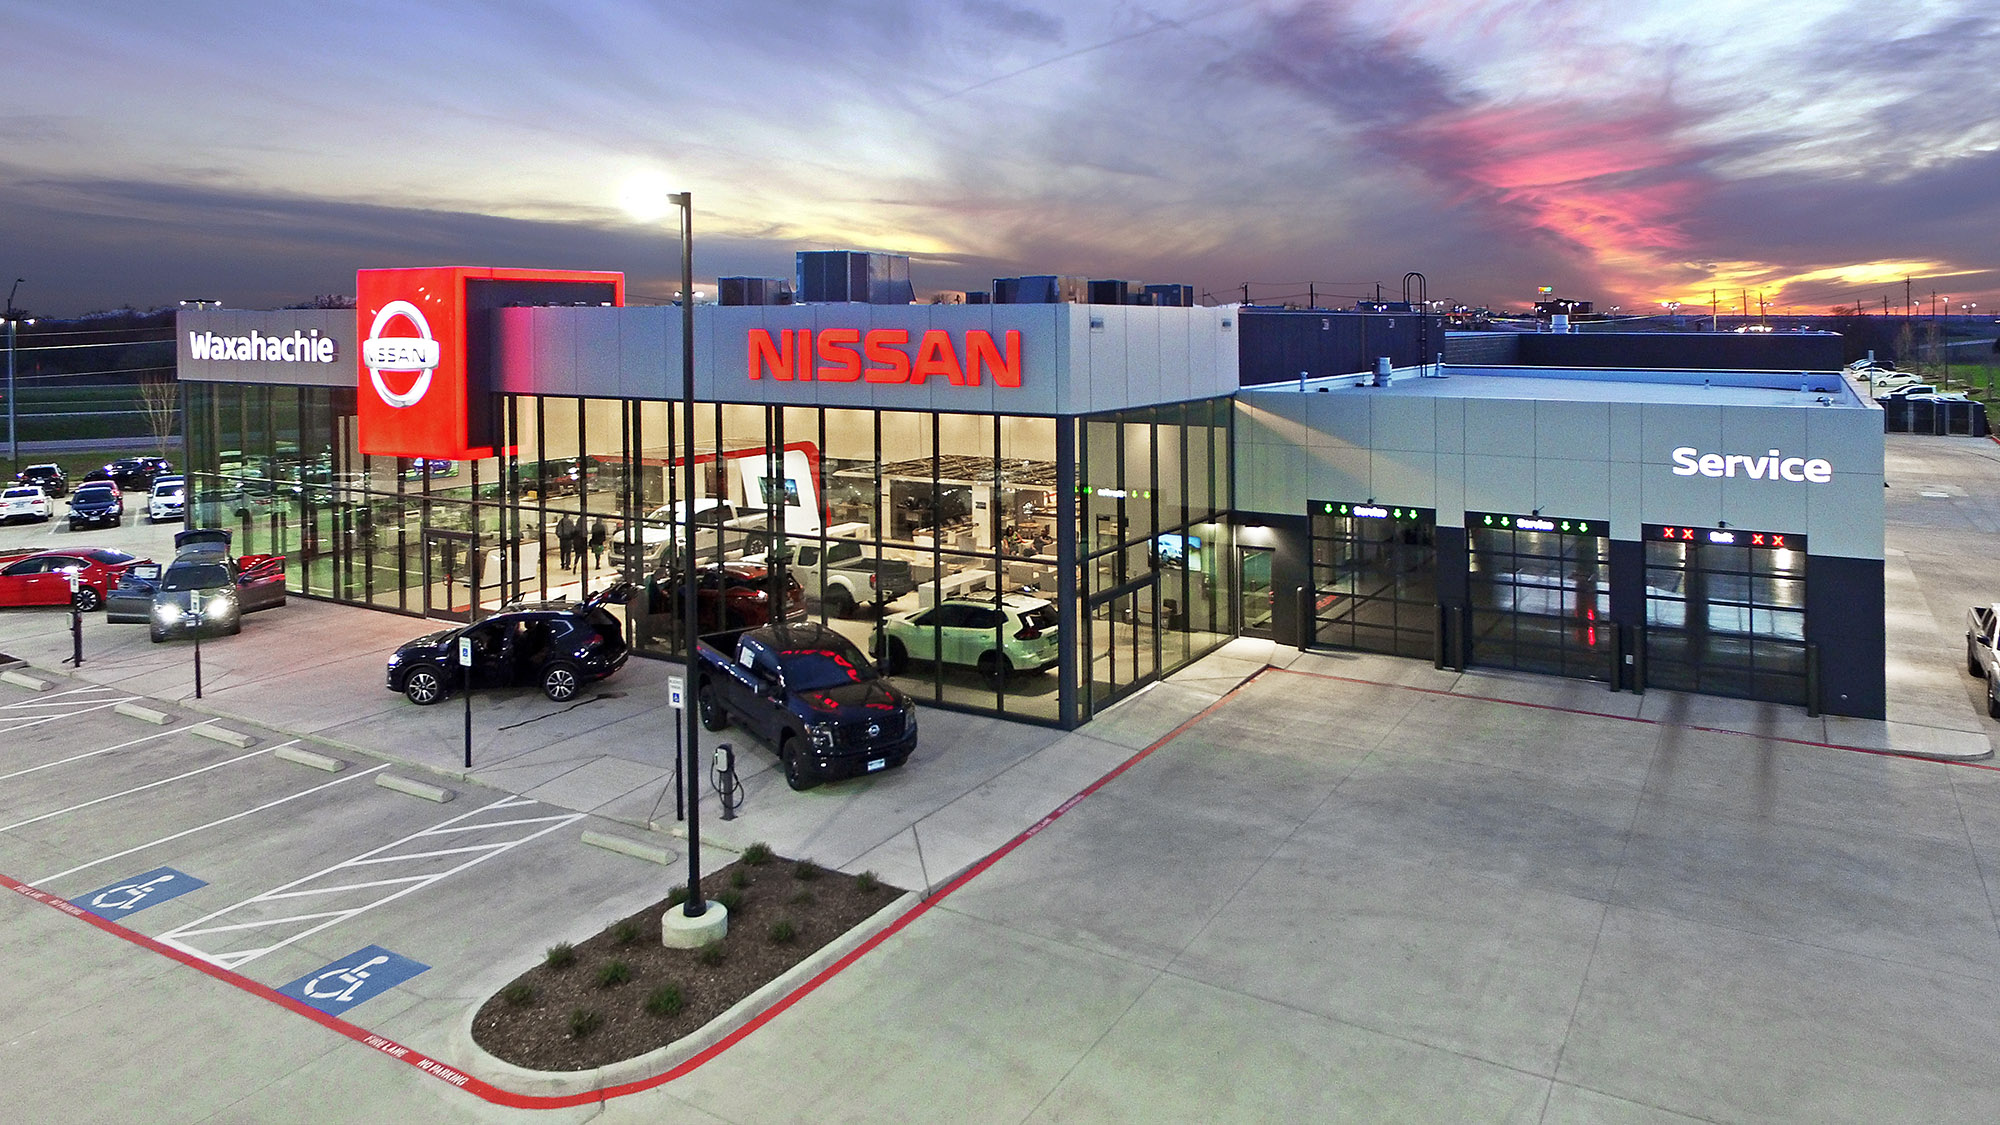 Waxahachie Nissan Dealership – Cedar Creek – Civil Engineering